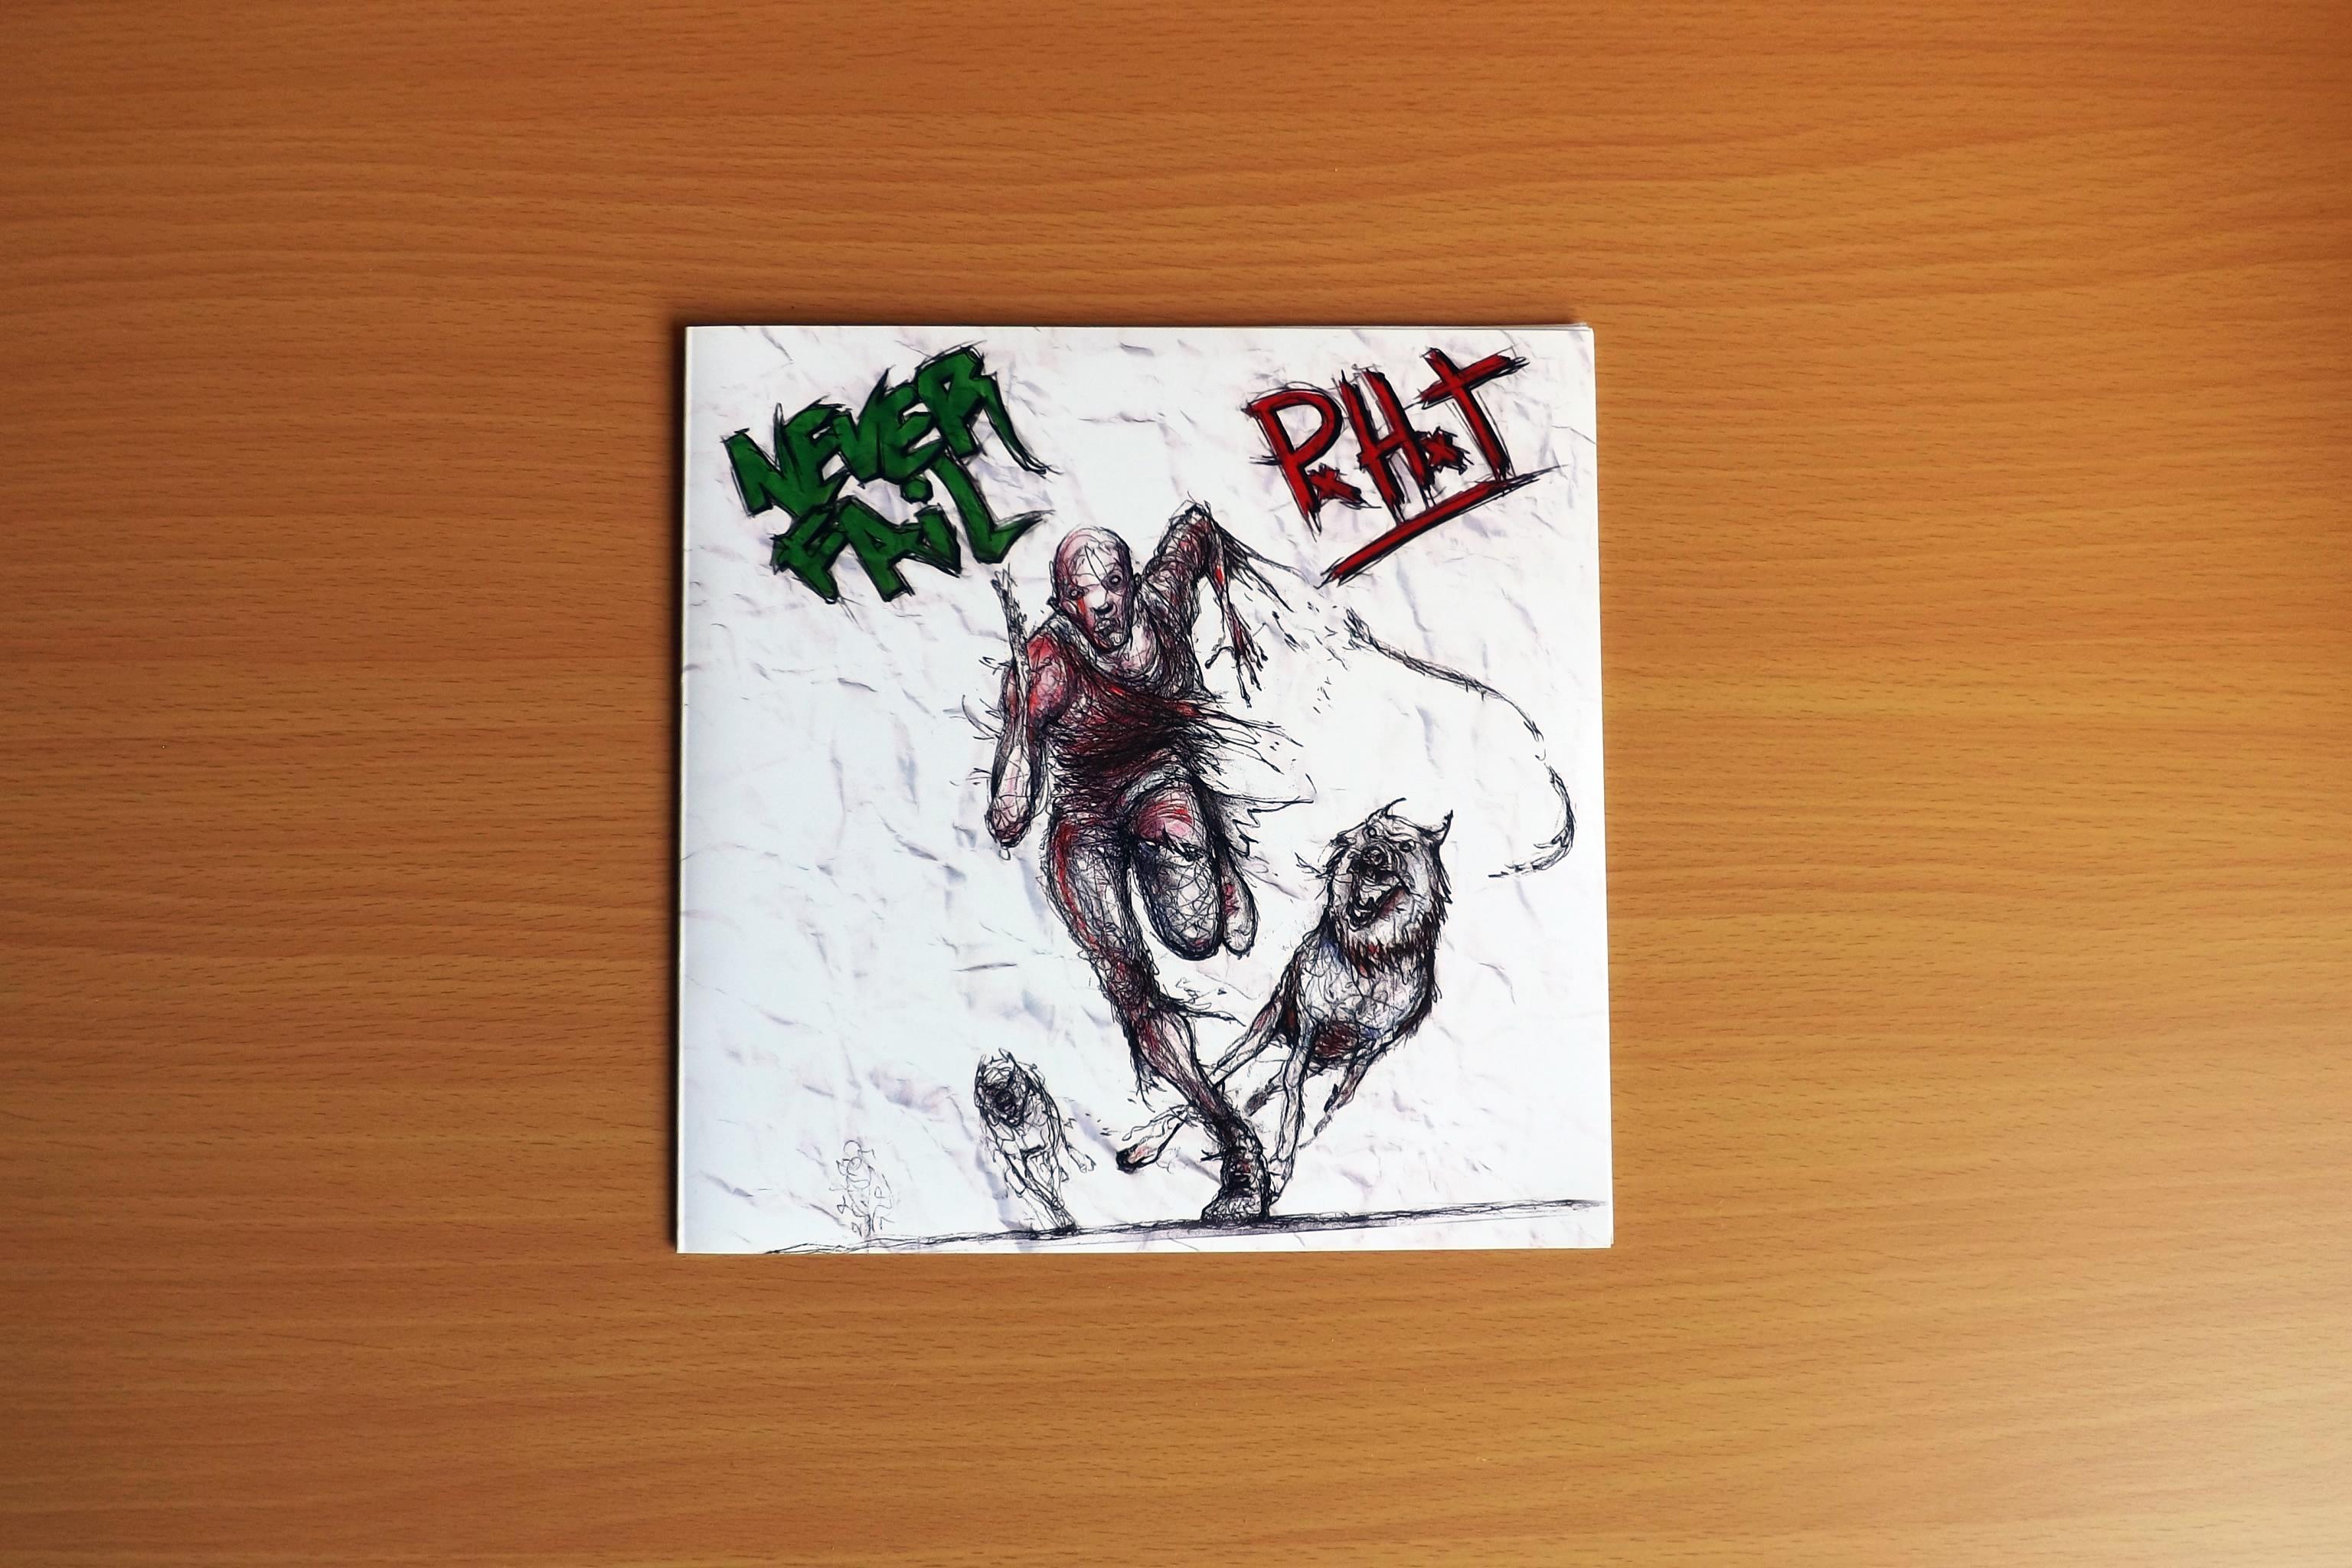 NEVER FAIL & PxHxT - Split 7